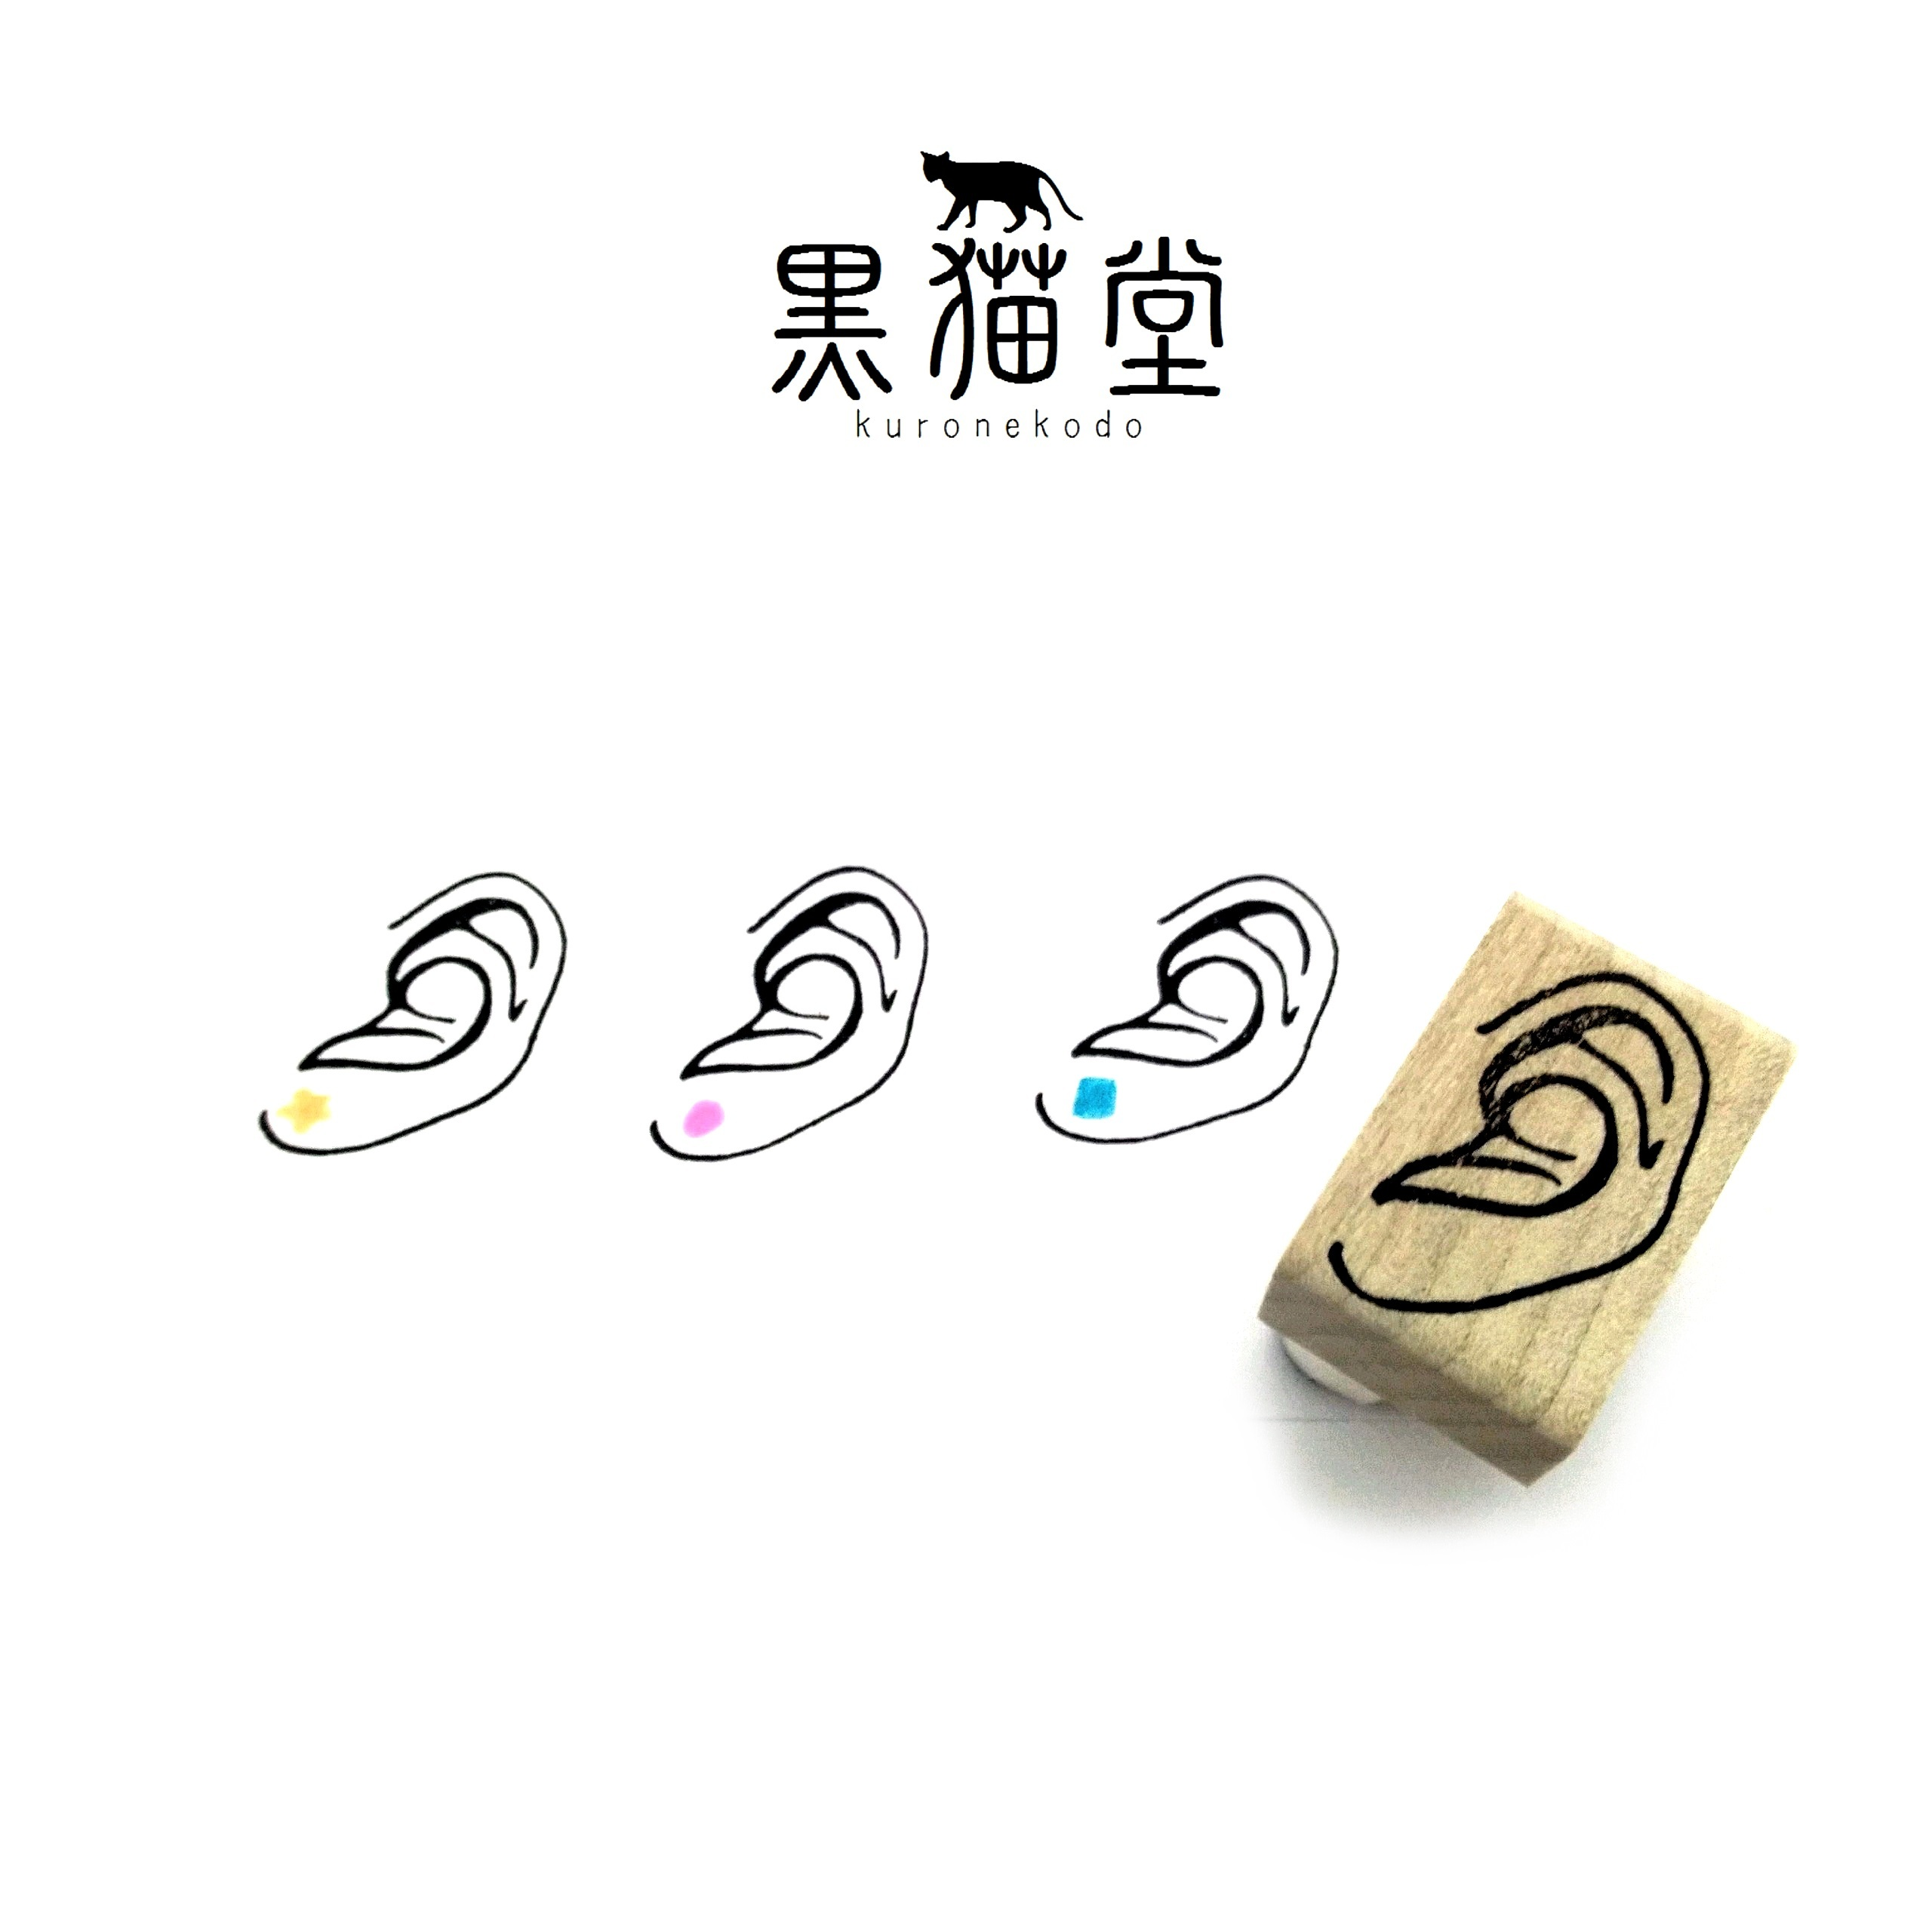 マンガ調の小ぶりな耳